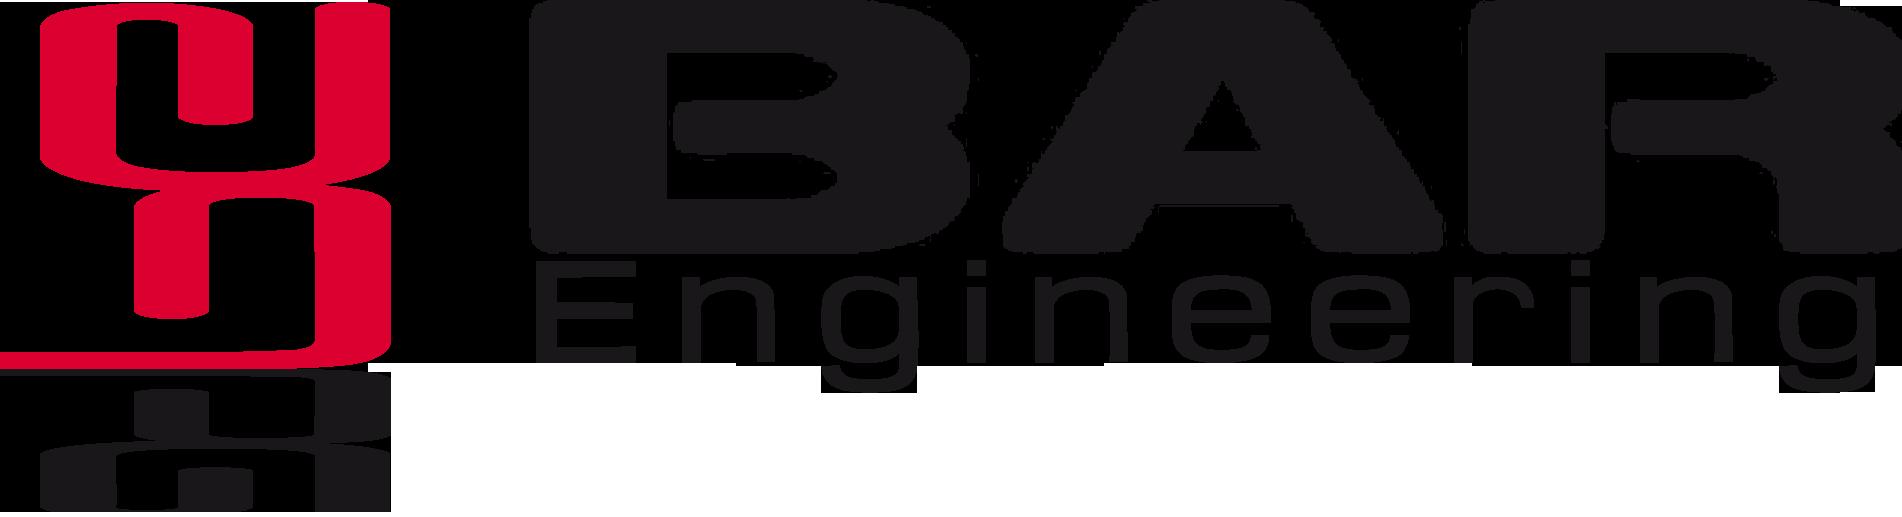 BAR Engineering